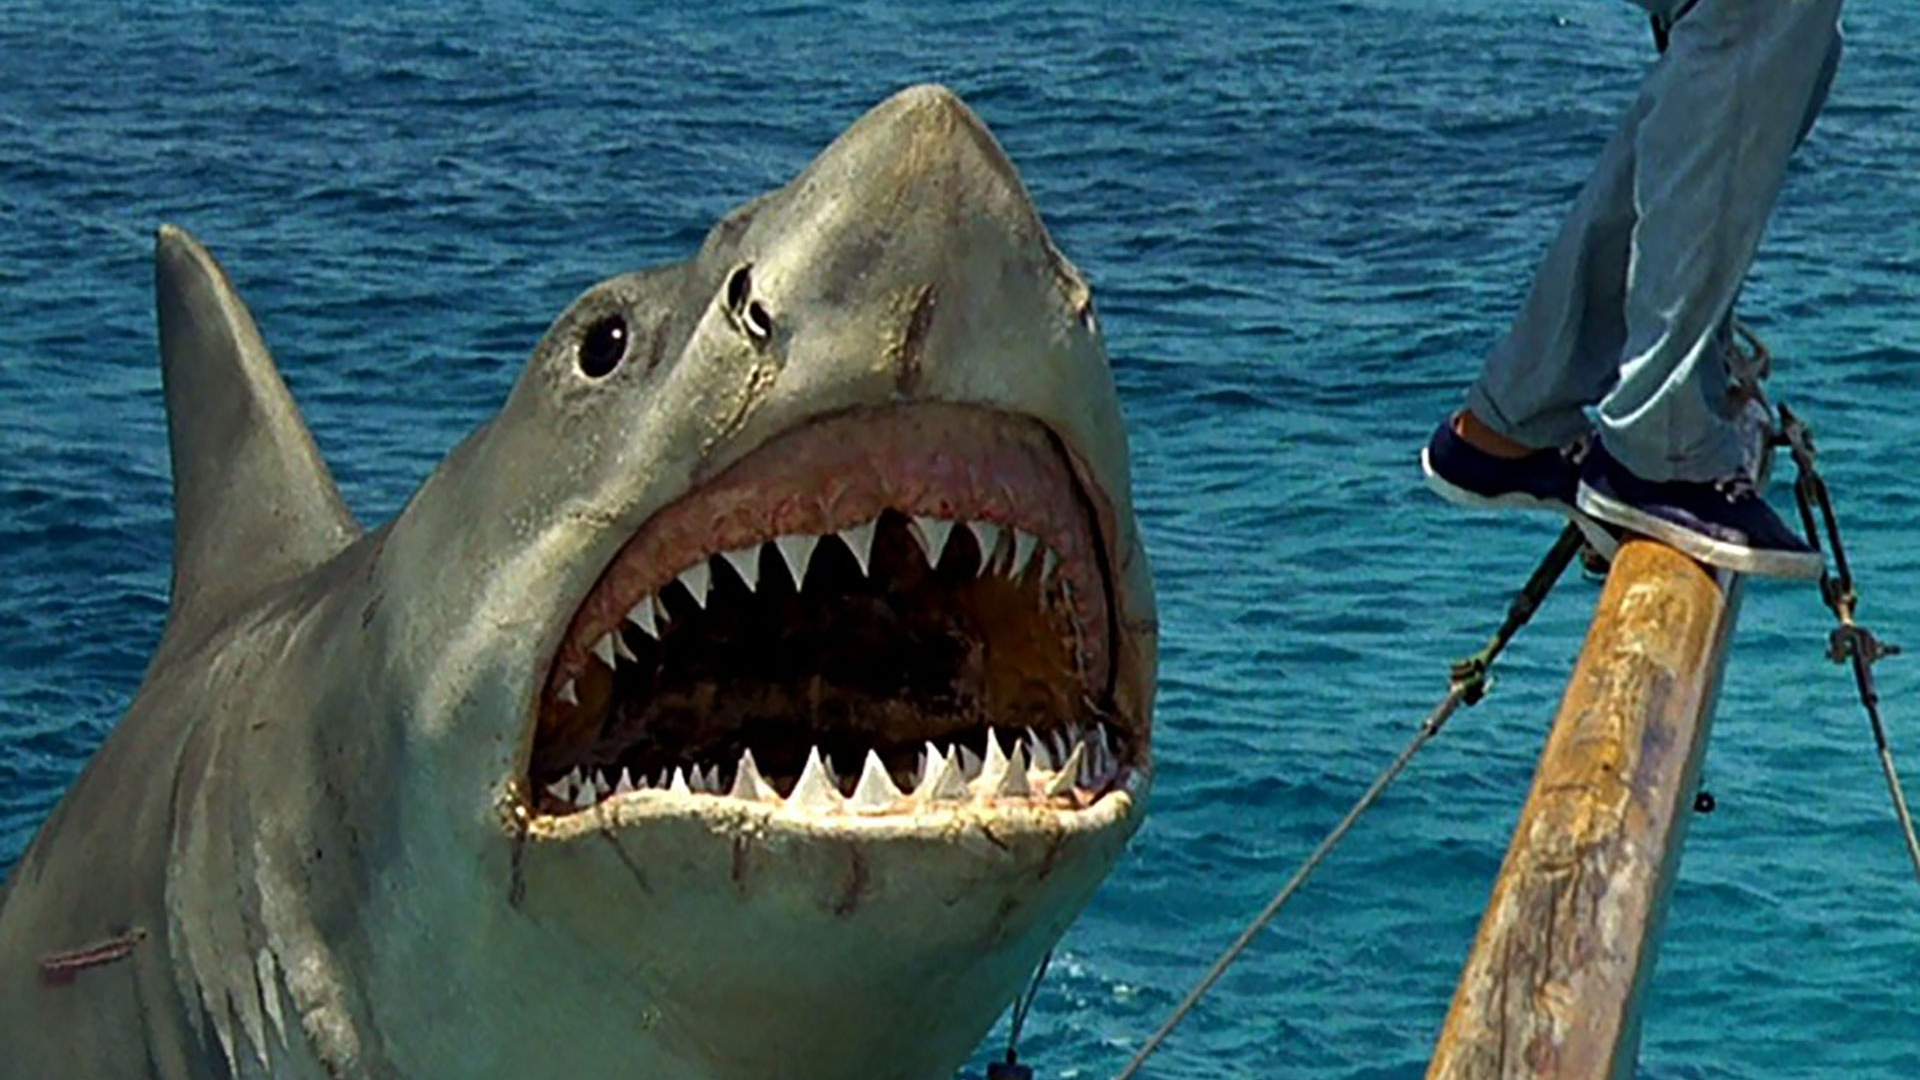 Ataque Tiburon Estrella Porno Fake ⚡ infobae: a 45 años de tiburón: un rodaje desastroso, un